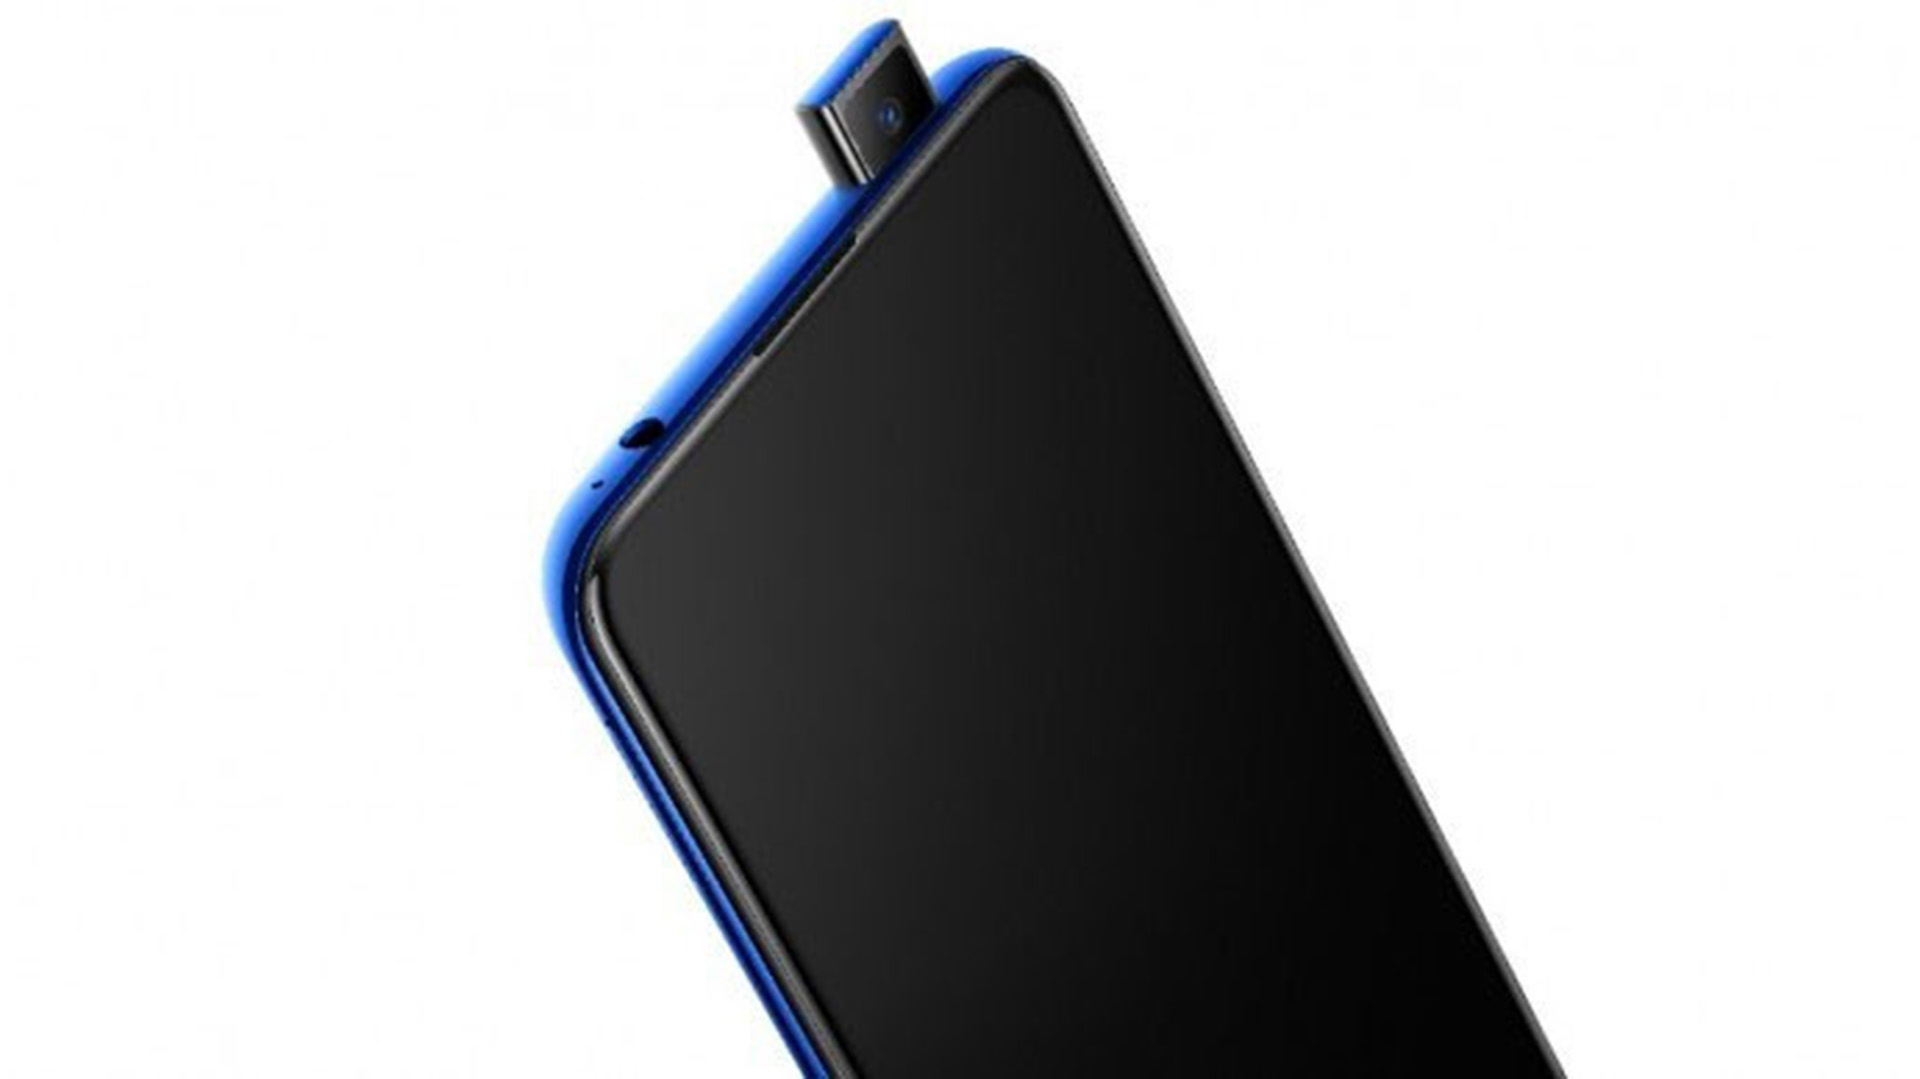 El móvil cuenta con cámara frontal retráctil de 32 MP.